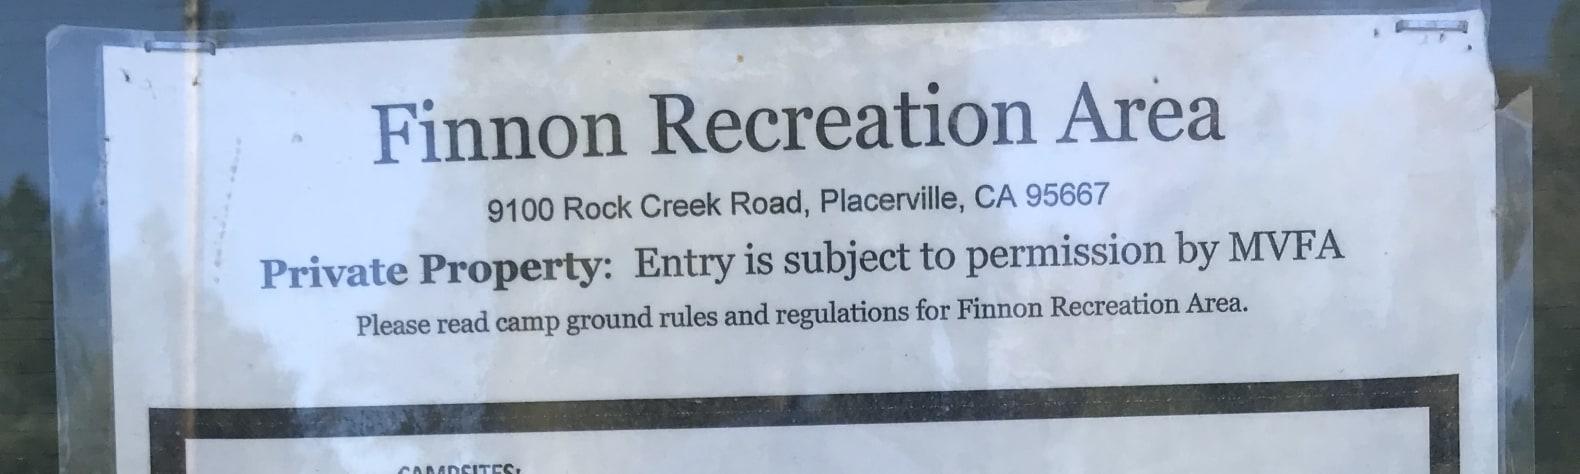 Finnon Lake Recreation Area